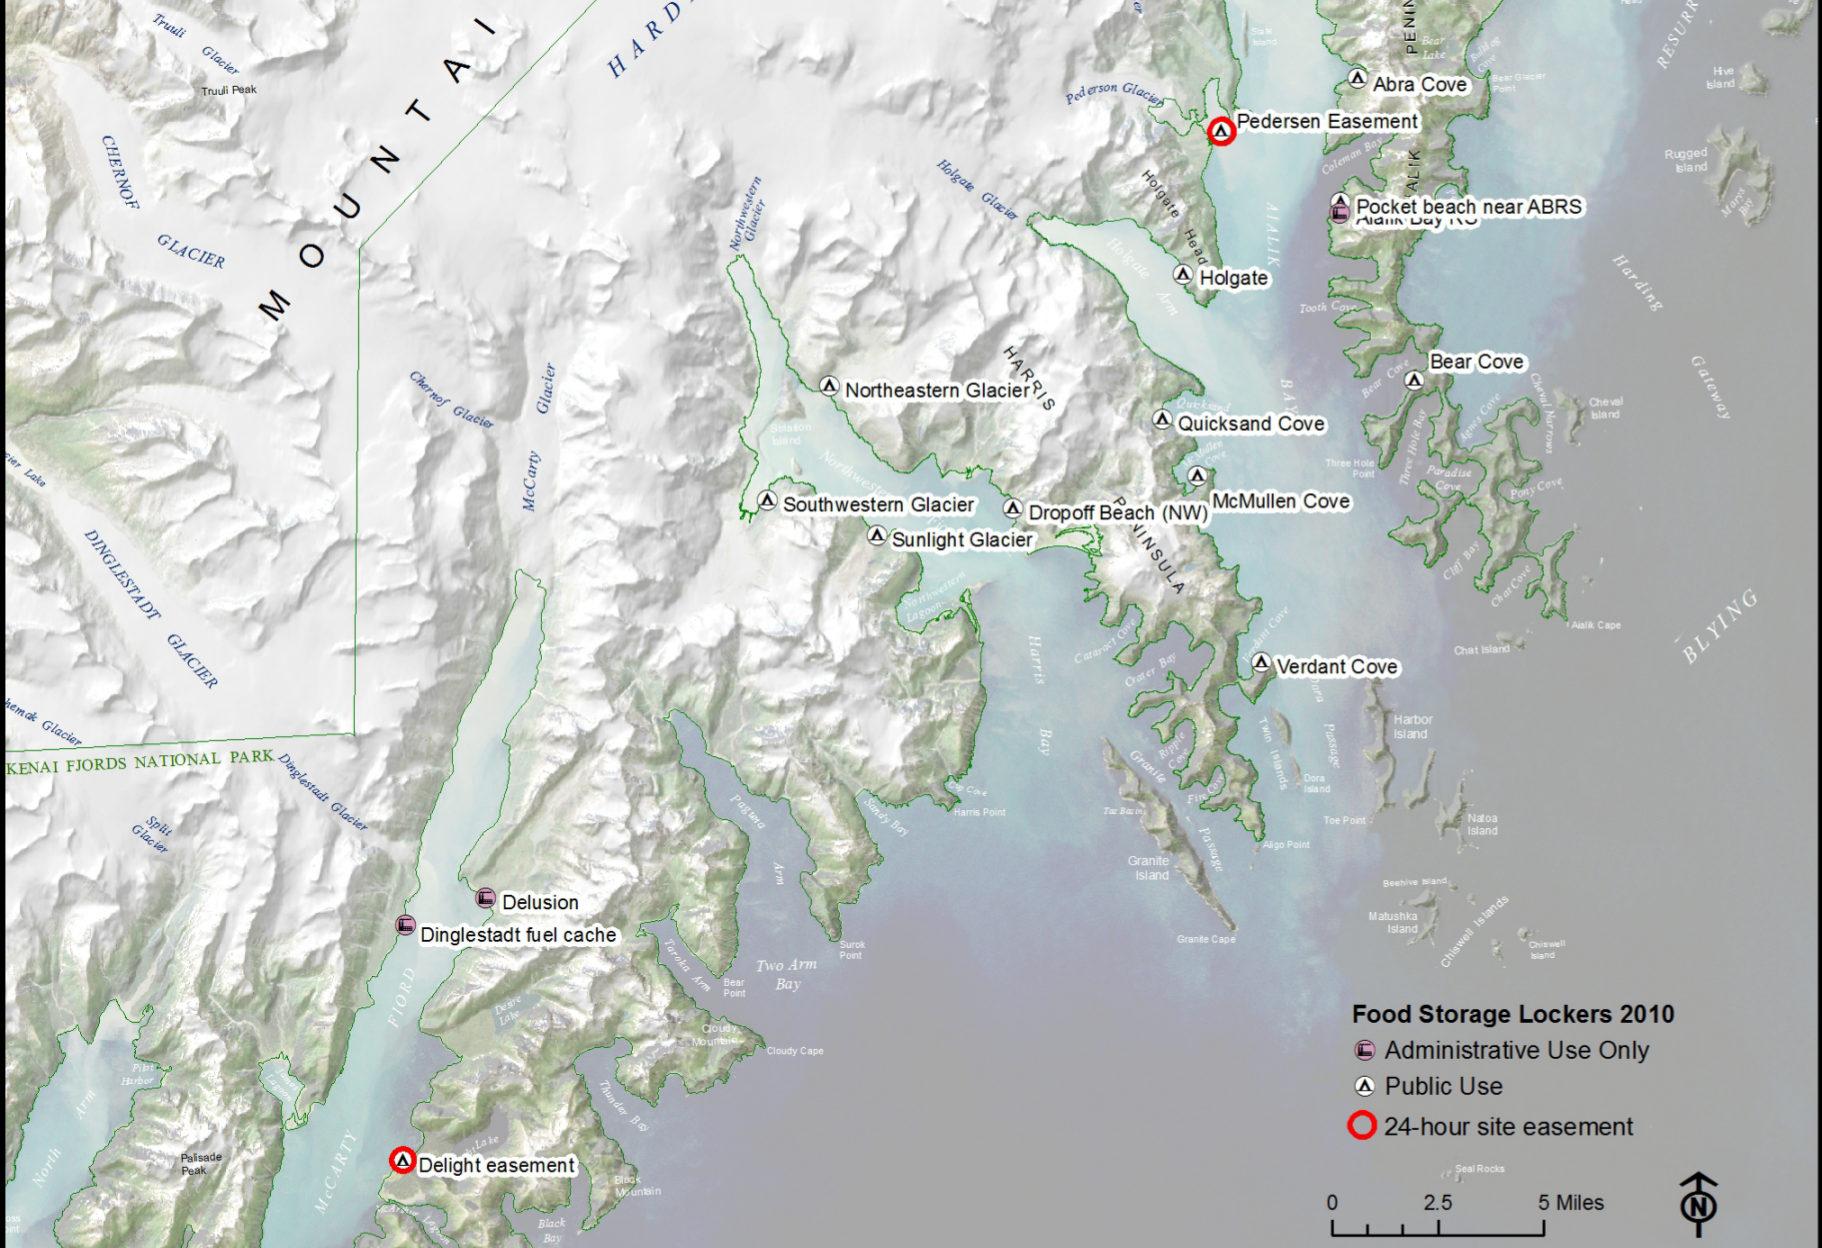 FileNPS kenaifjordsfoodstoragelockermapjpg Wikimedia Commons